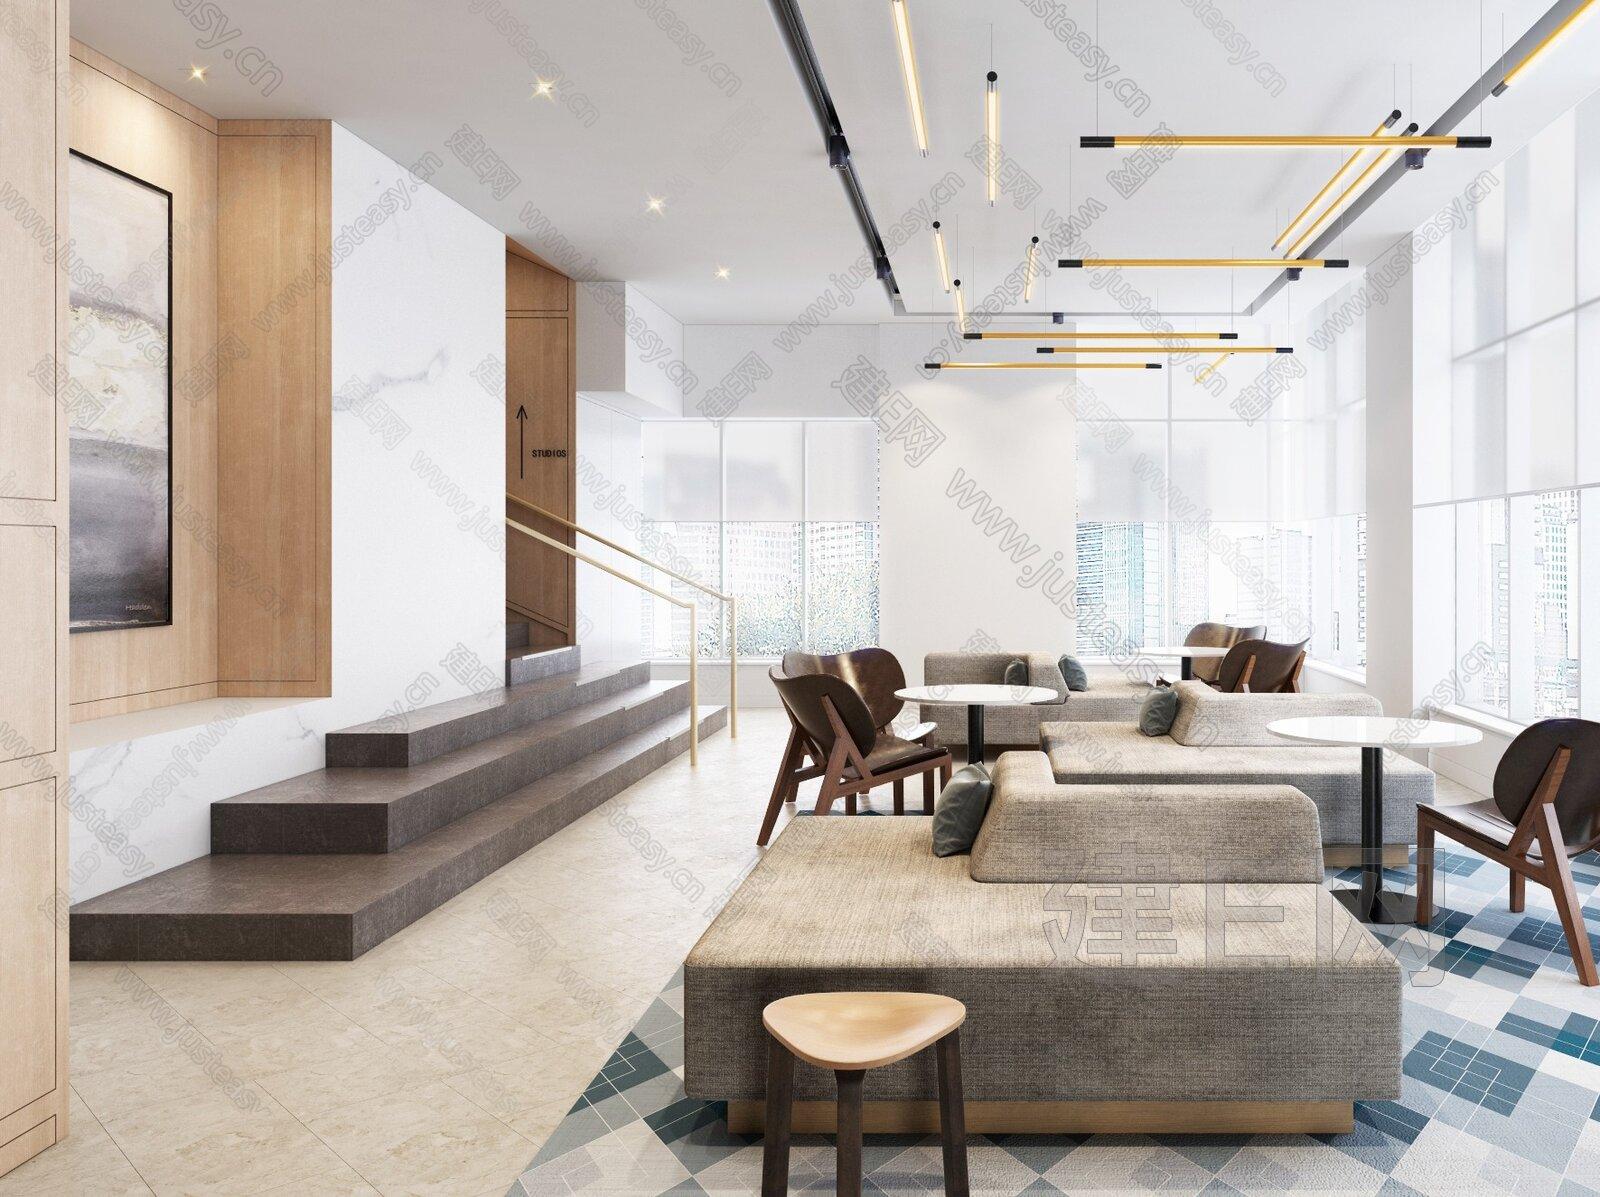 安达仕酒店 现代酒店休息区3d模型